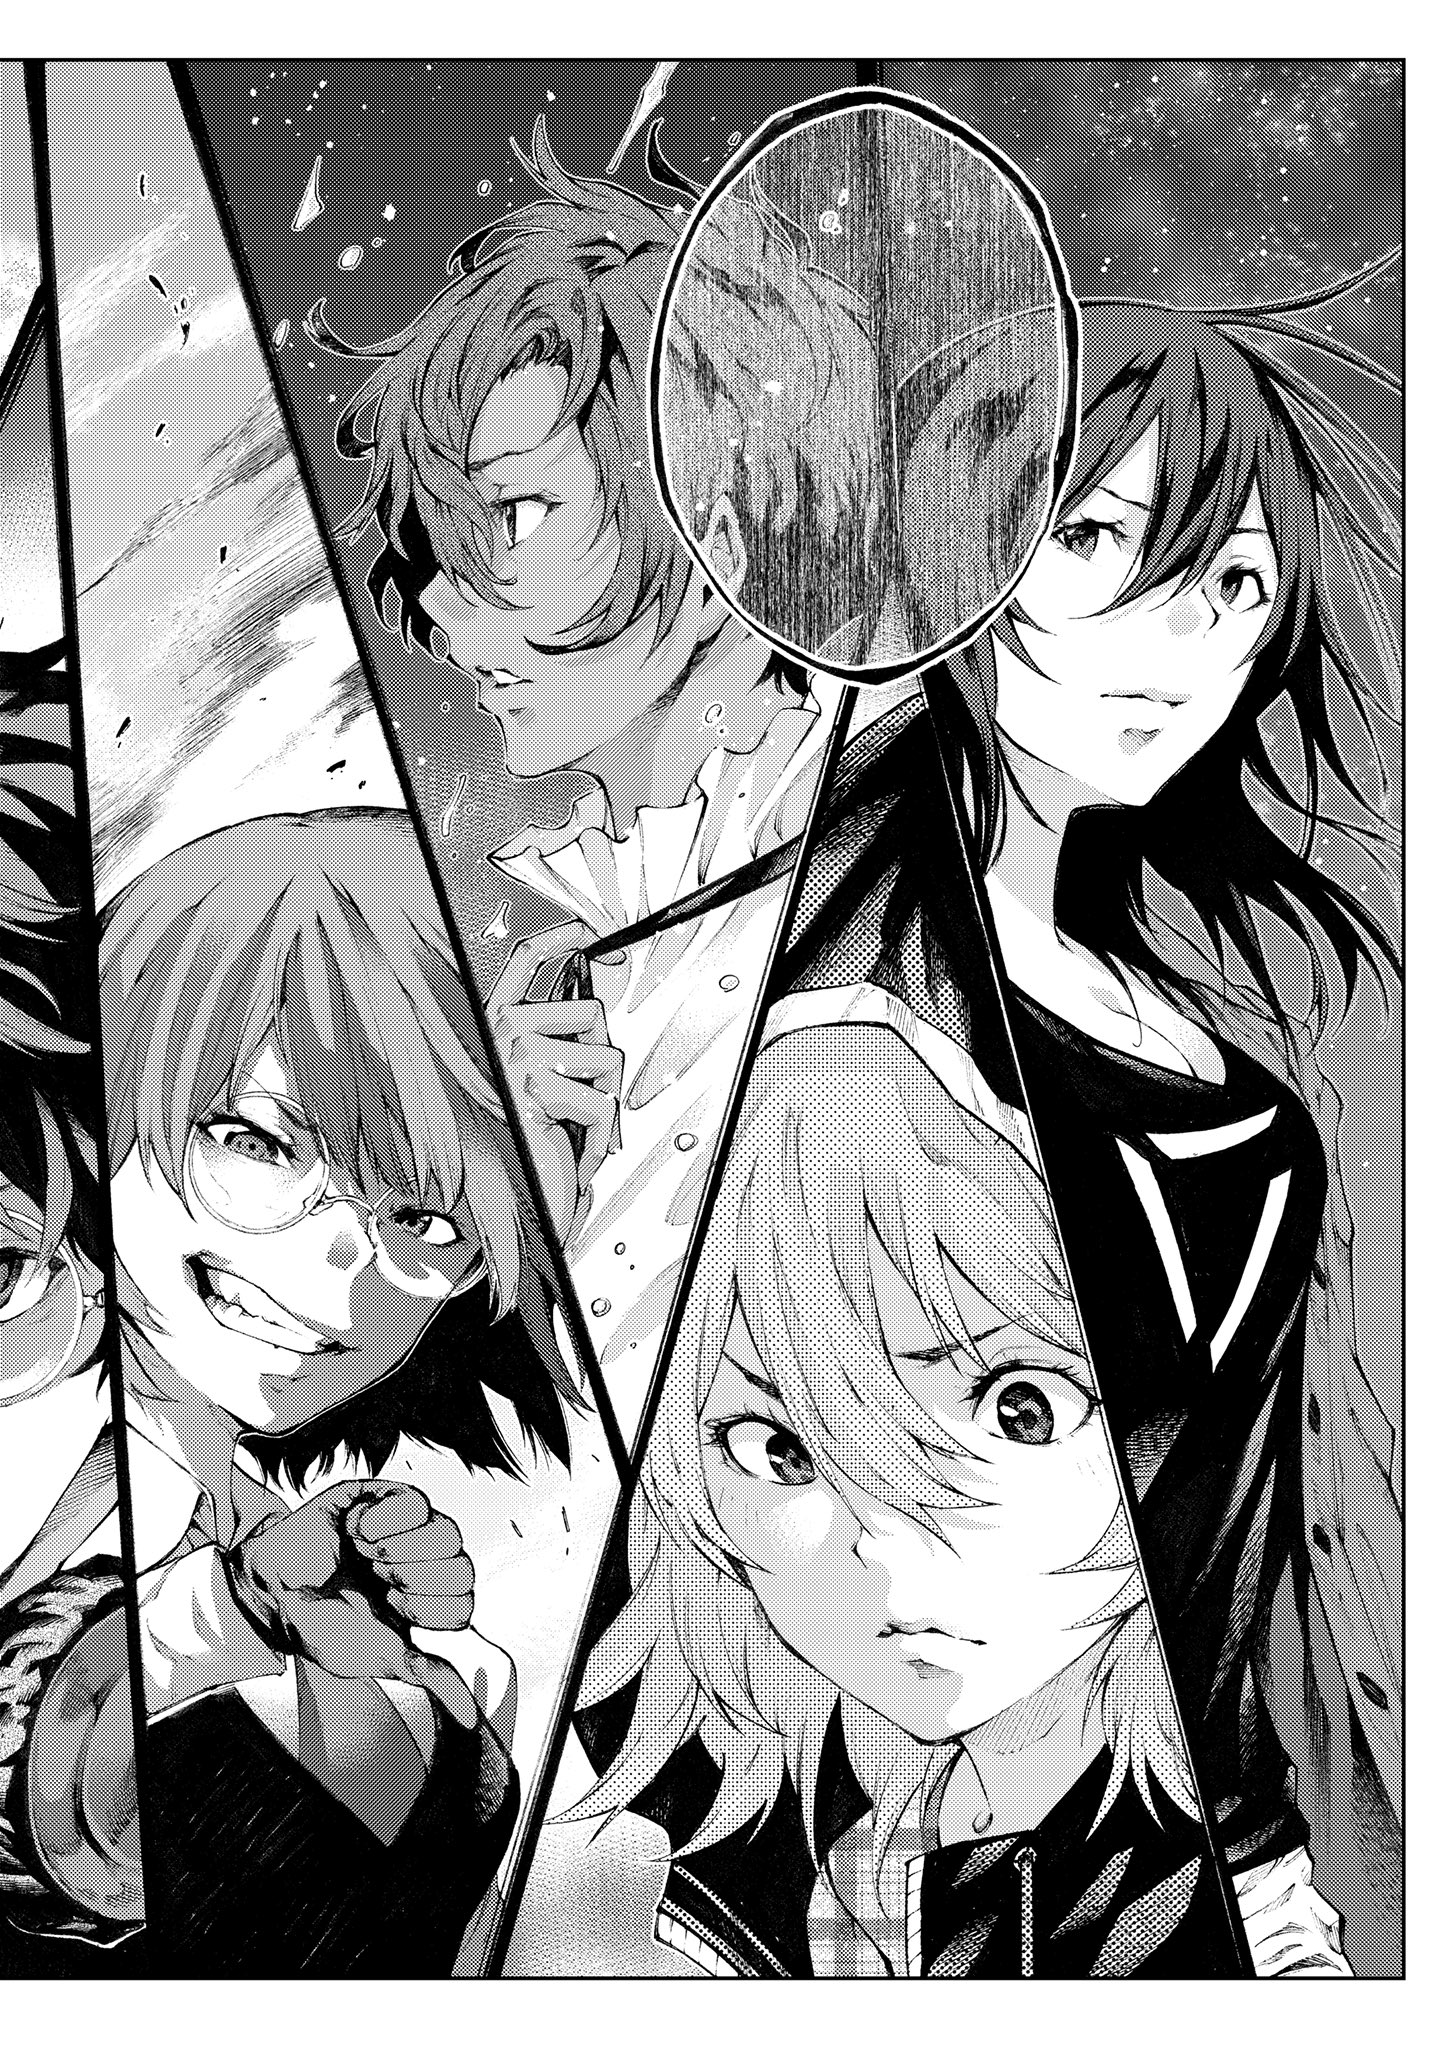 Tokoshie X Bullet Shinminato Koboshien-hen Visuel 2